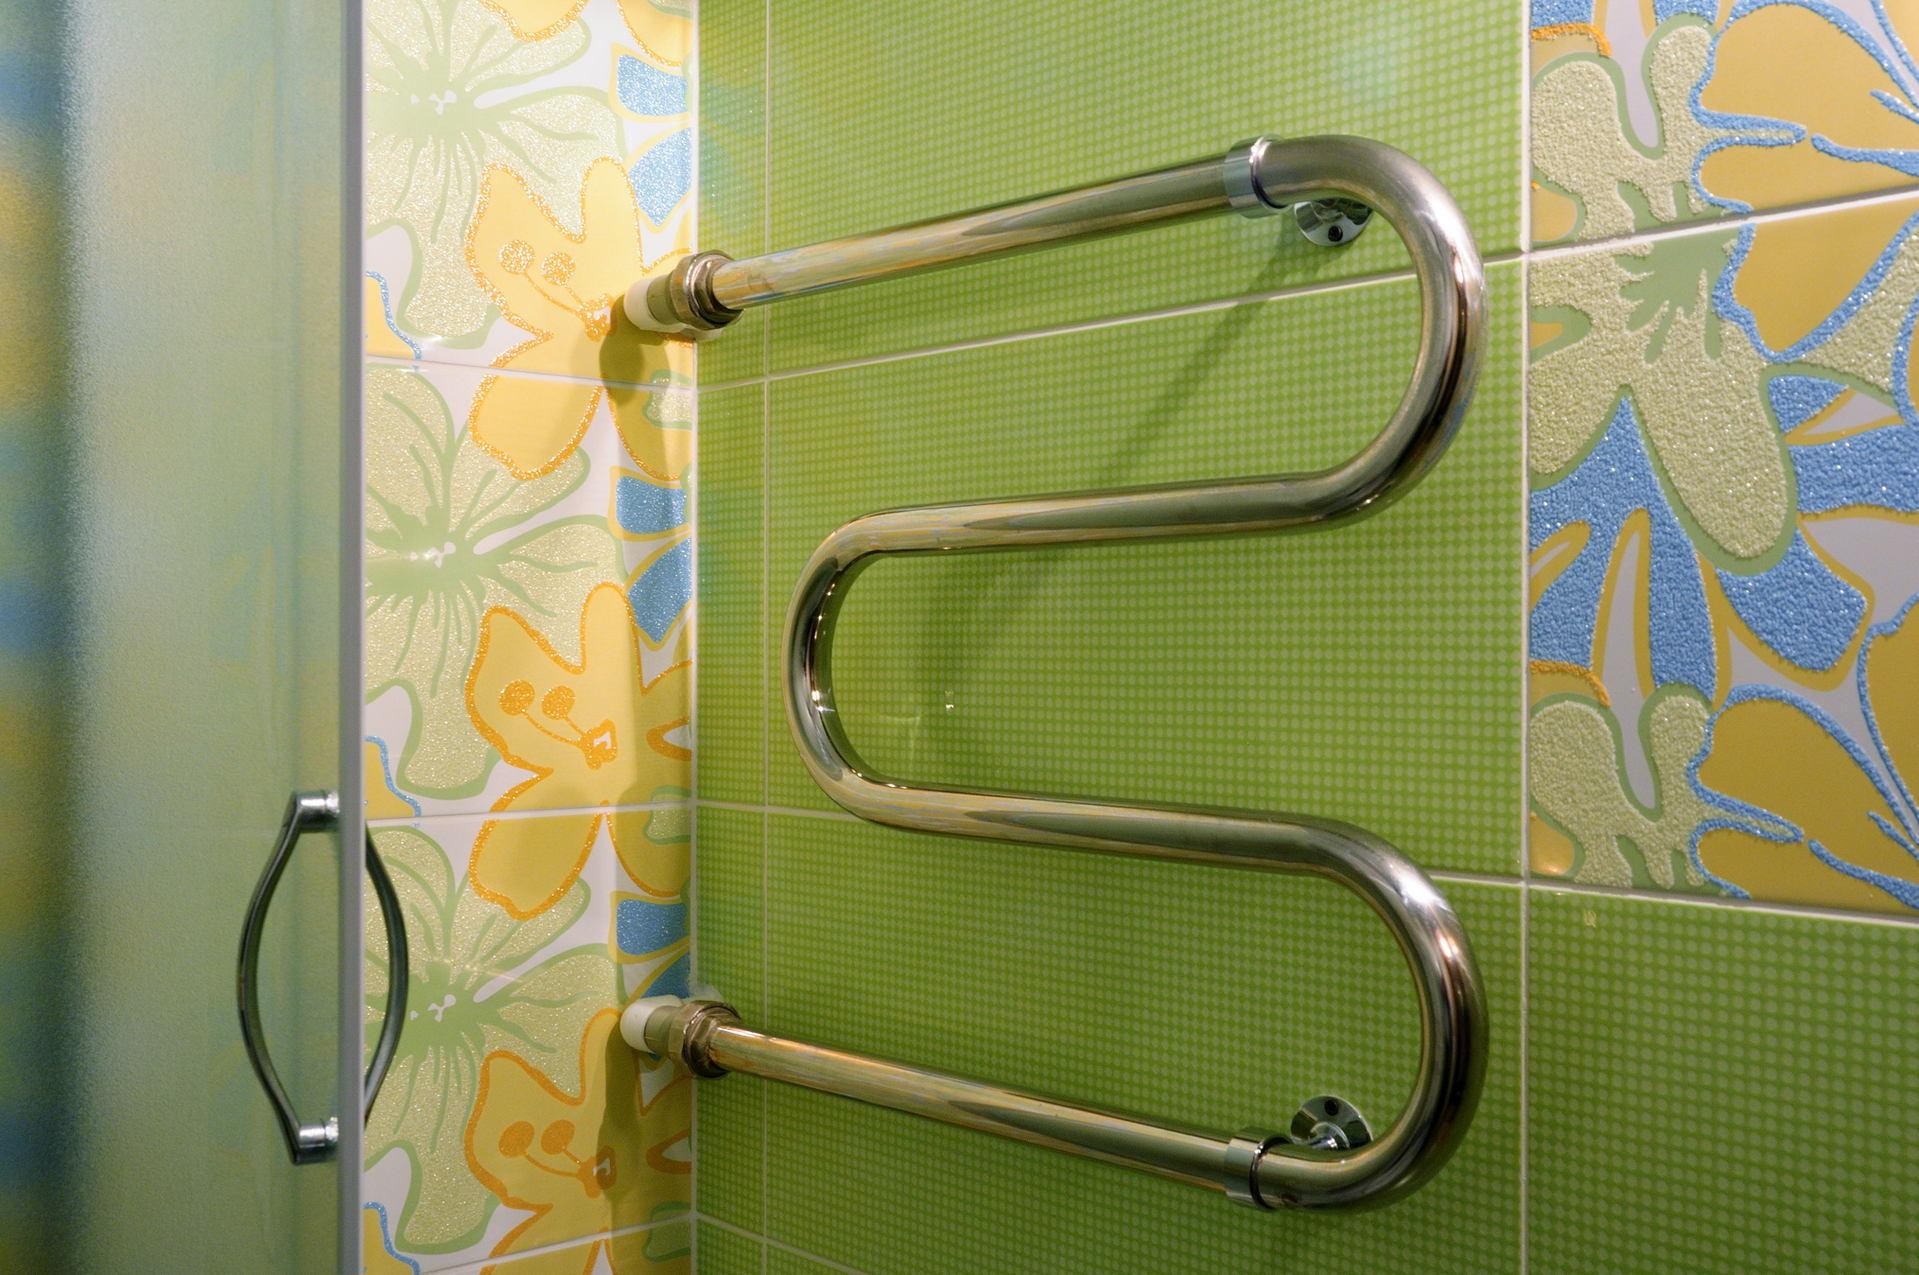 Установка полотенцесушителя в ванной своими руками на верхнем этаже